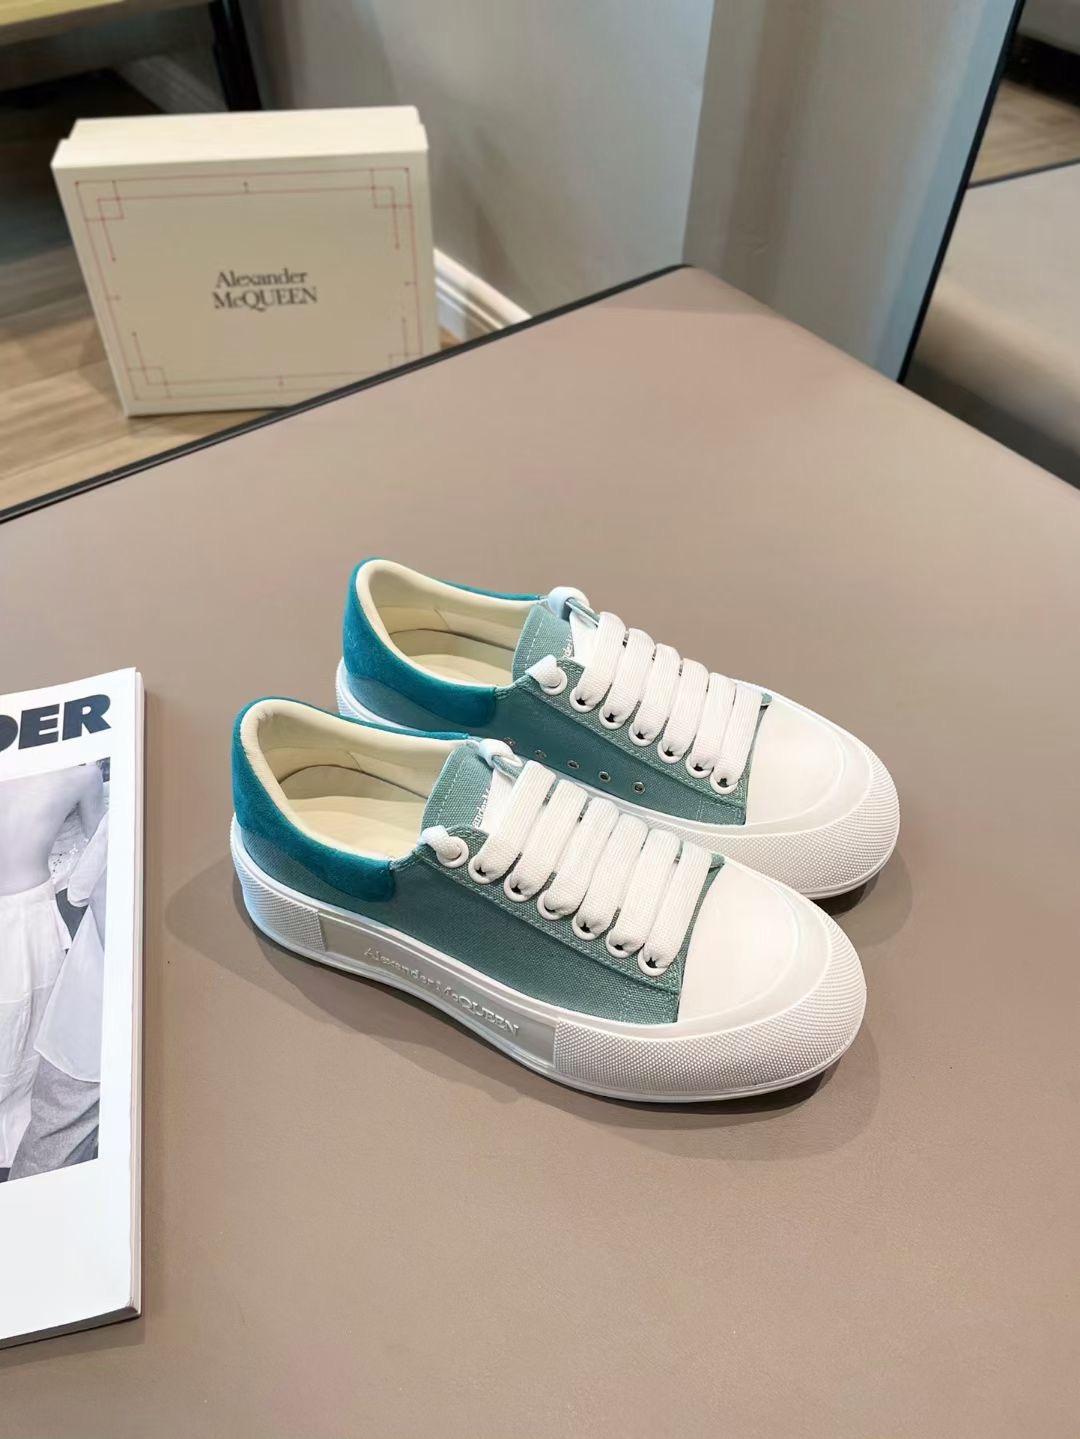 Alexander McQueen Кеды светло-голубые, коллекция 2021